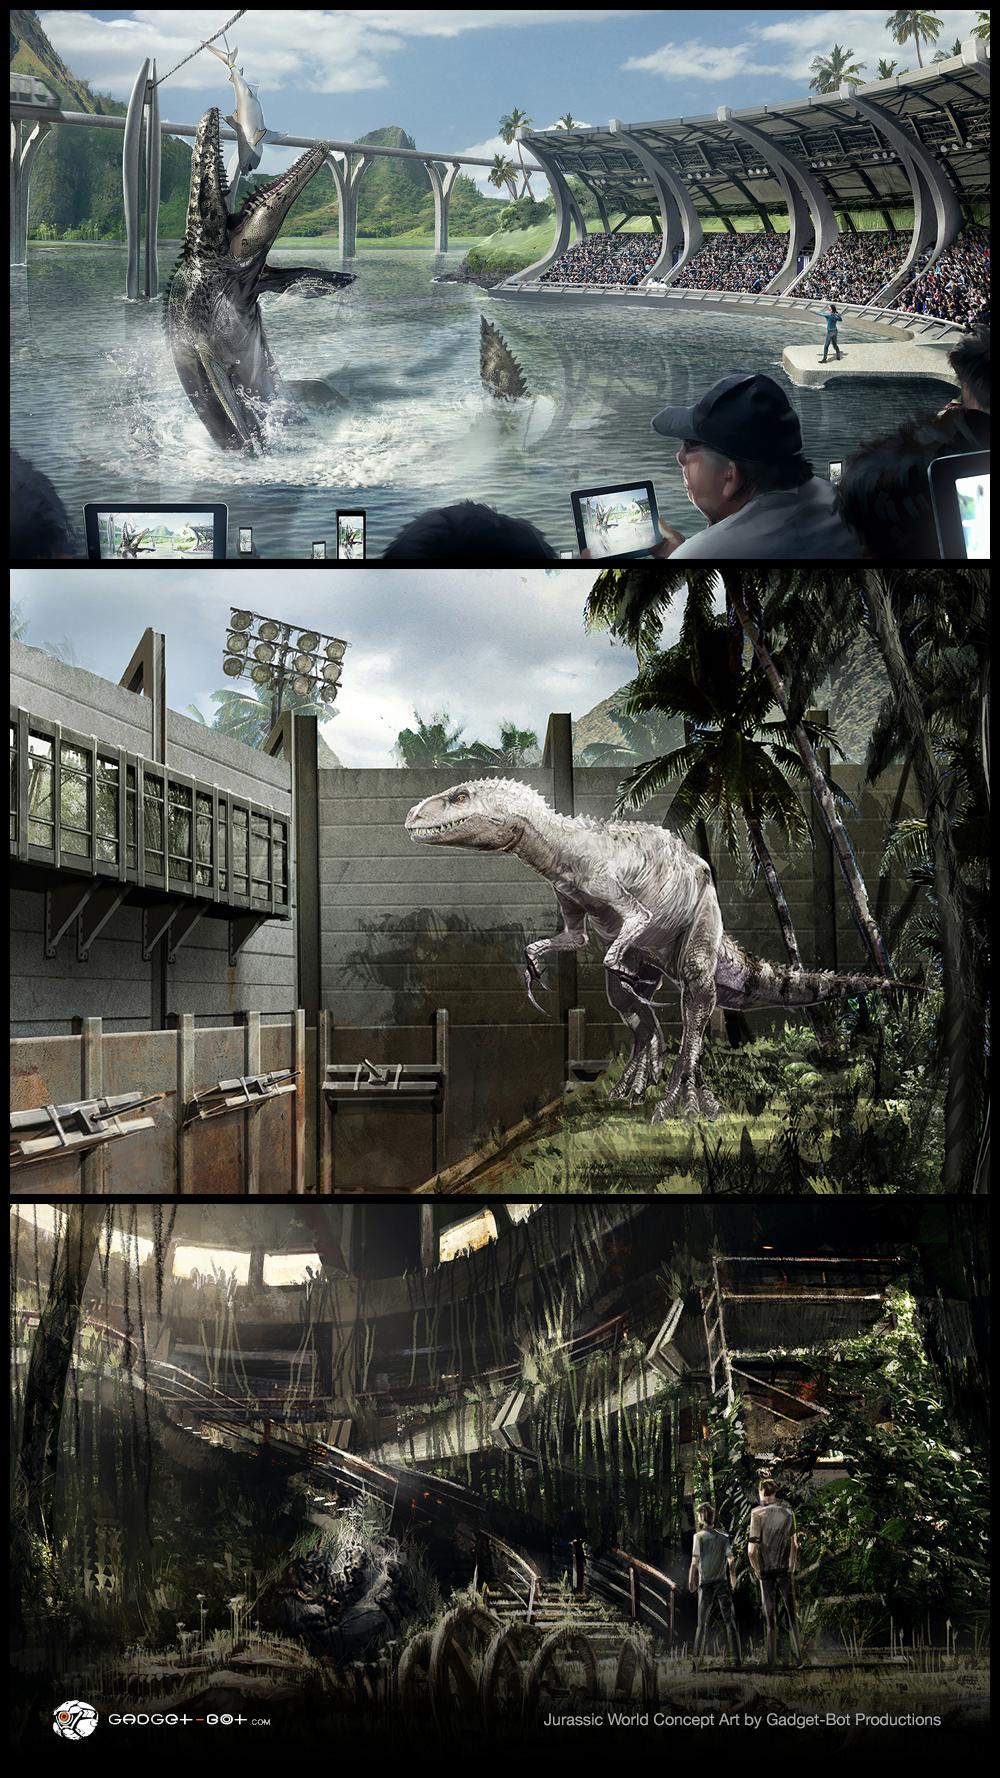 Die besten 25 dinosaurier film ideen auf pinterest jurrassic park jurassic park filme und - Film de dinosaure jurassic park ...